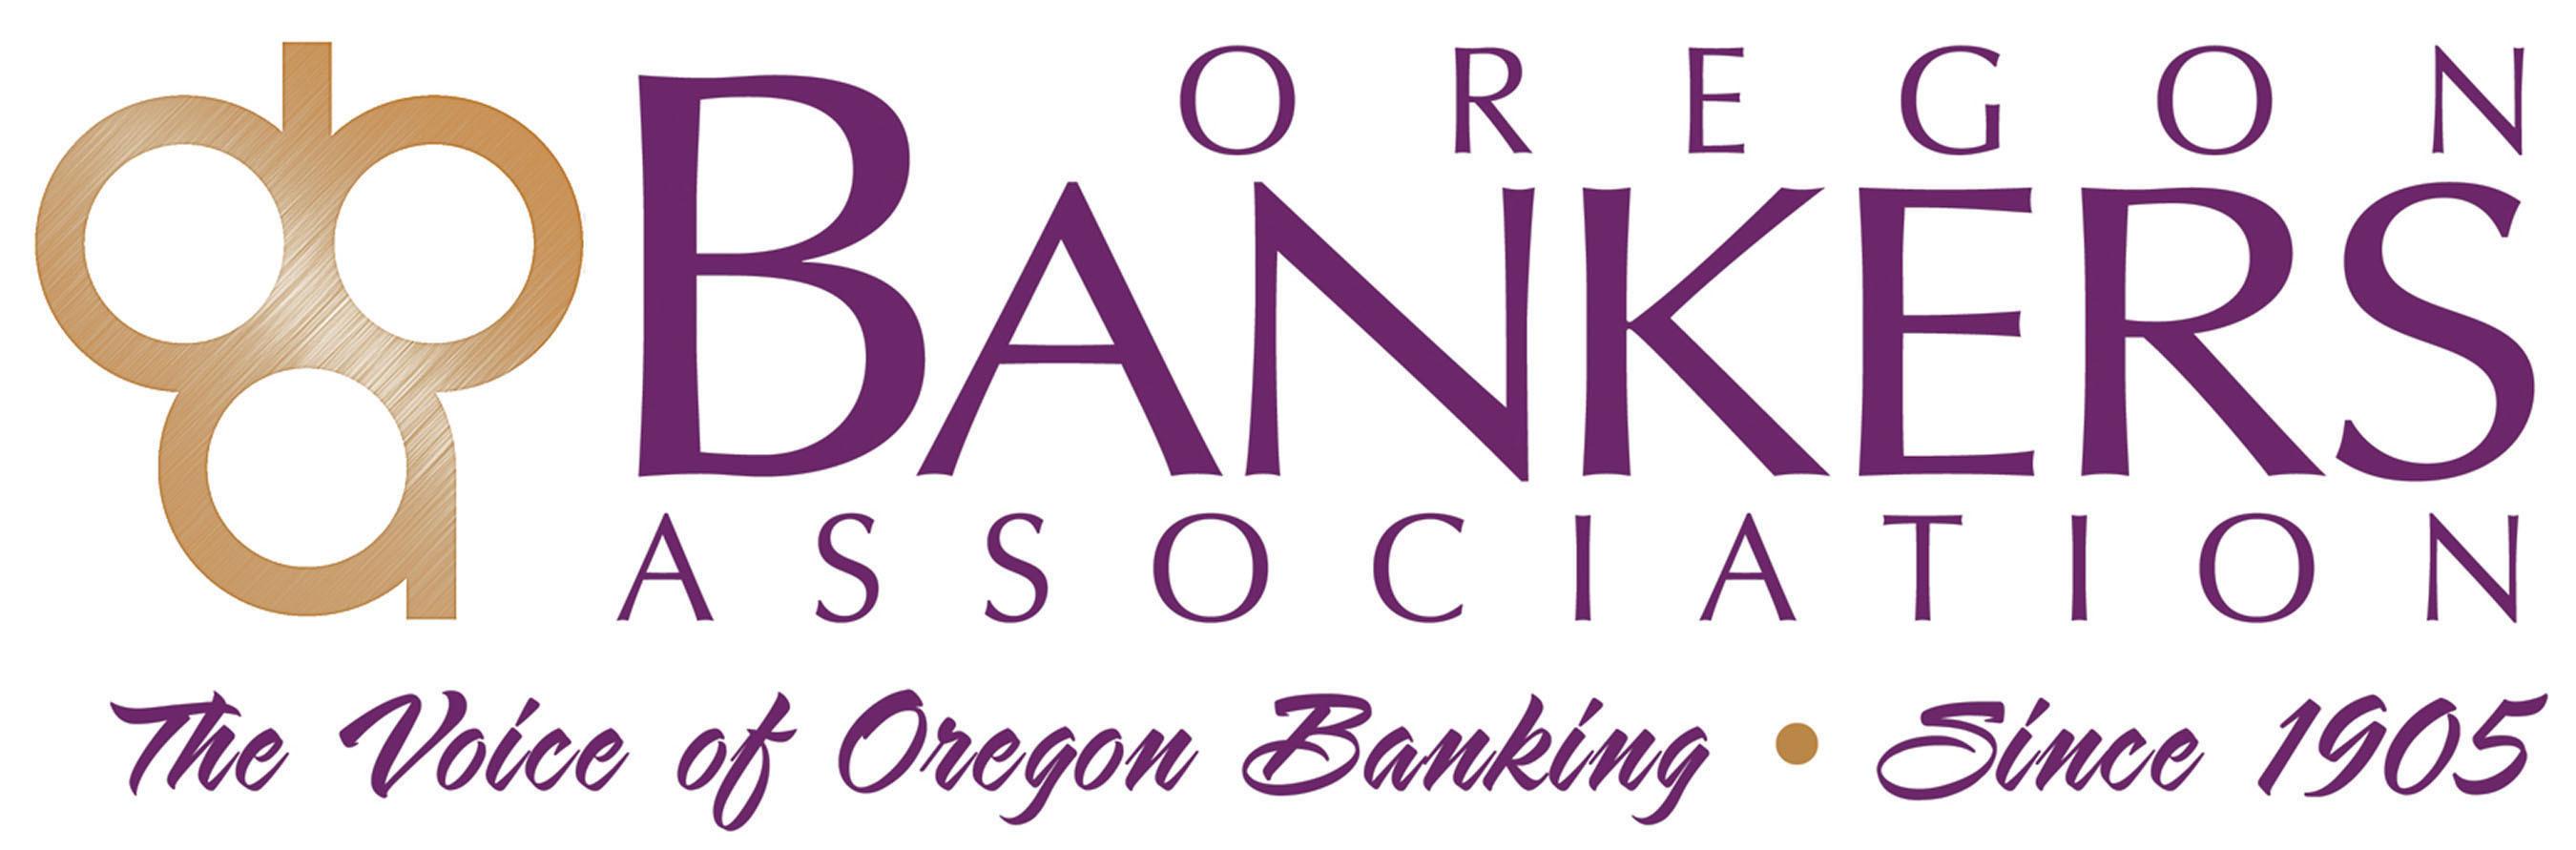 Oregon Bankers Association Logo.